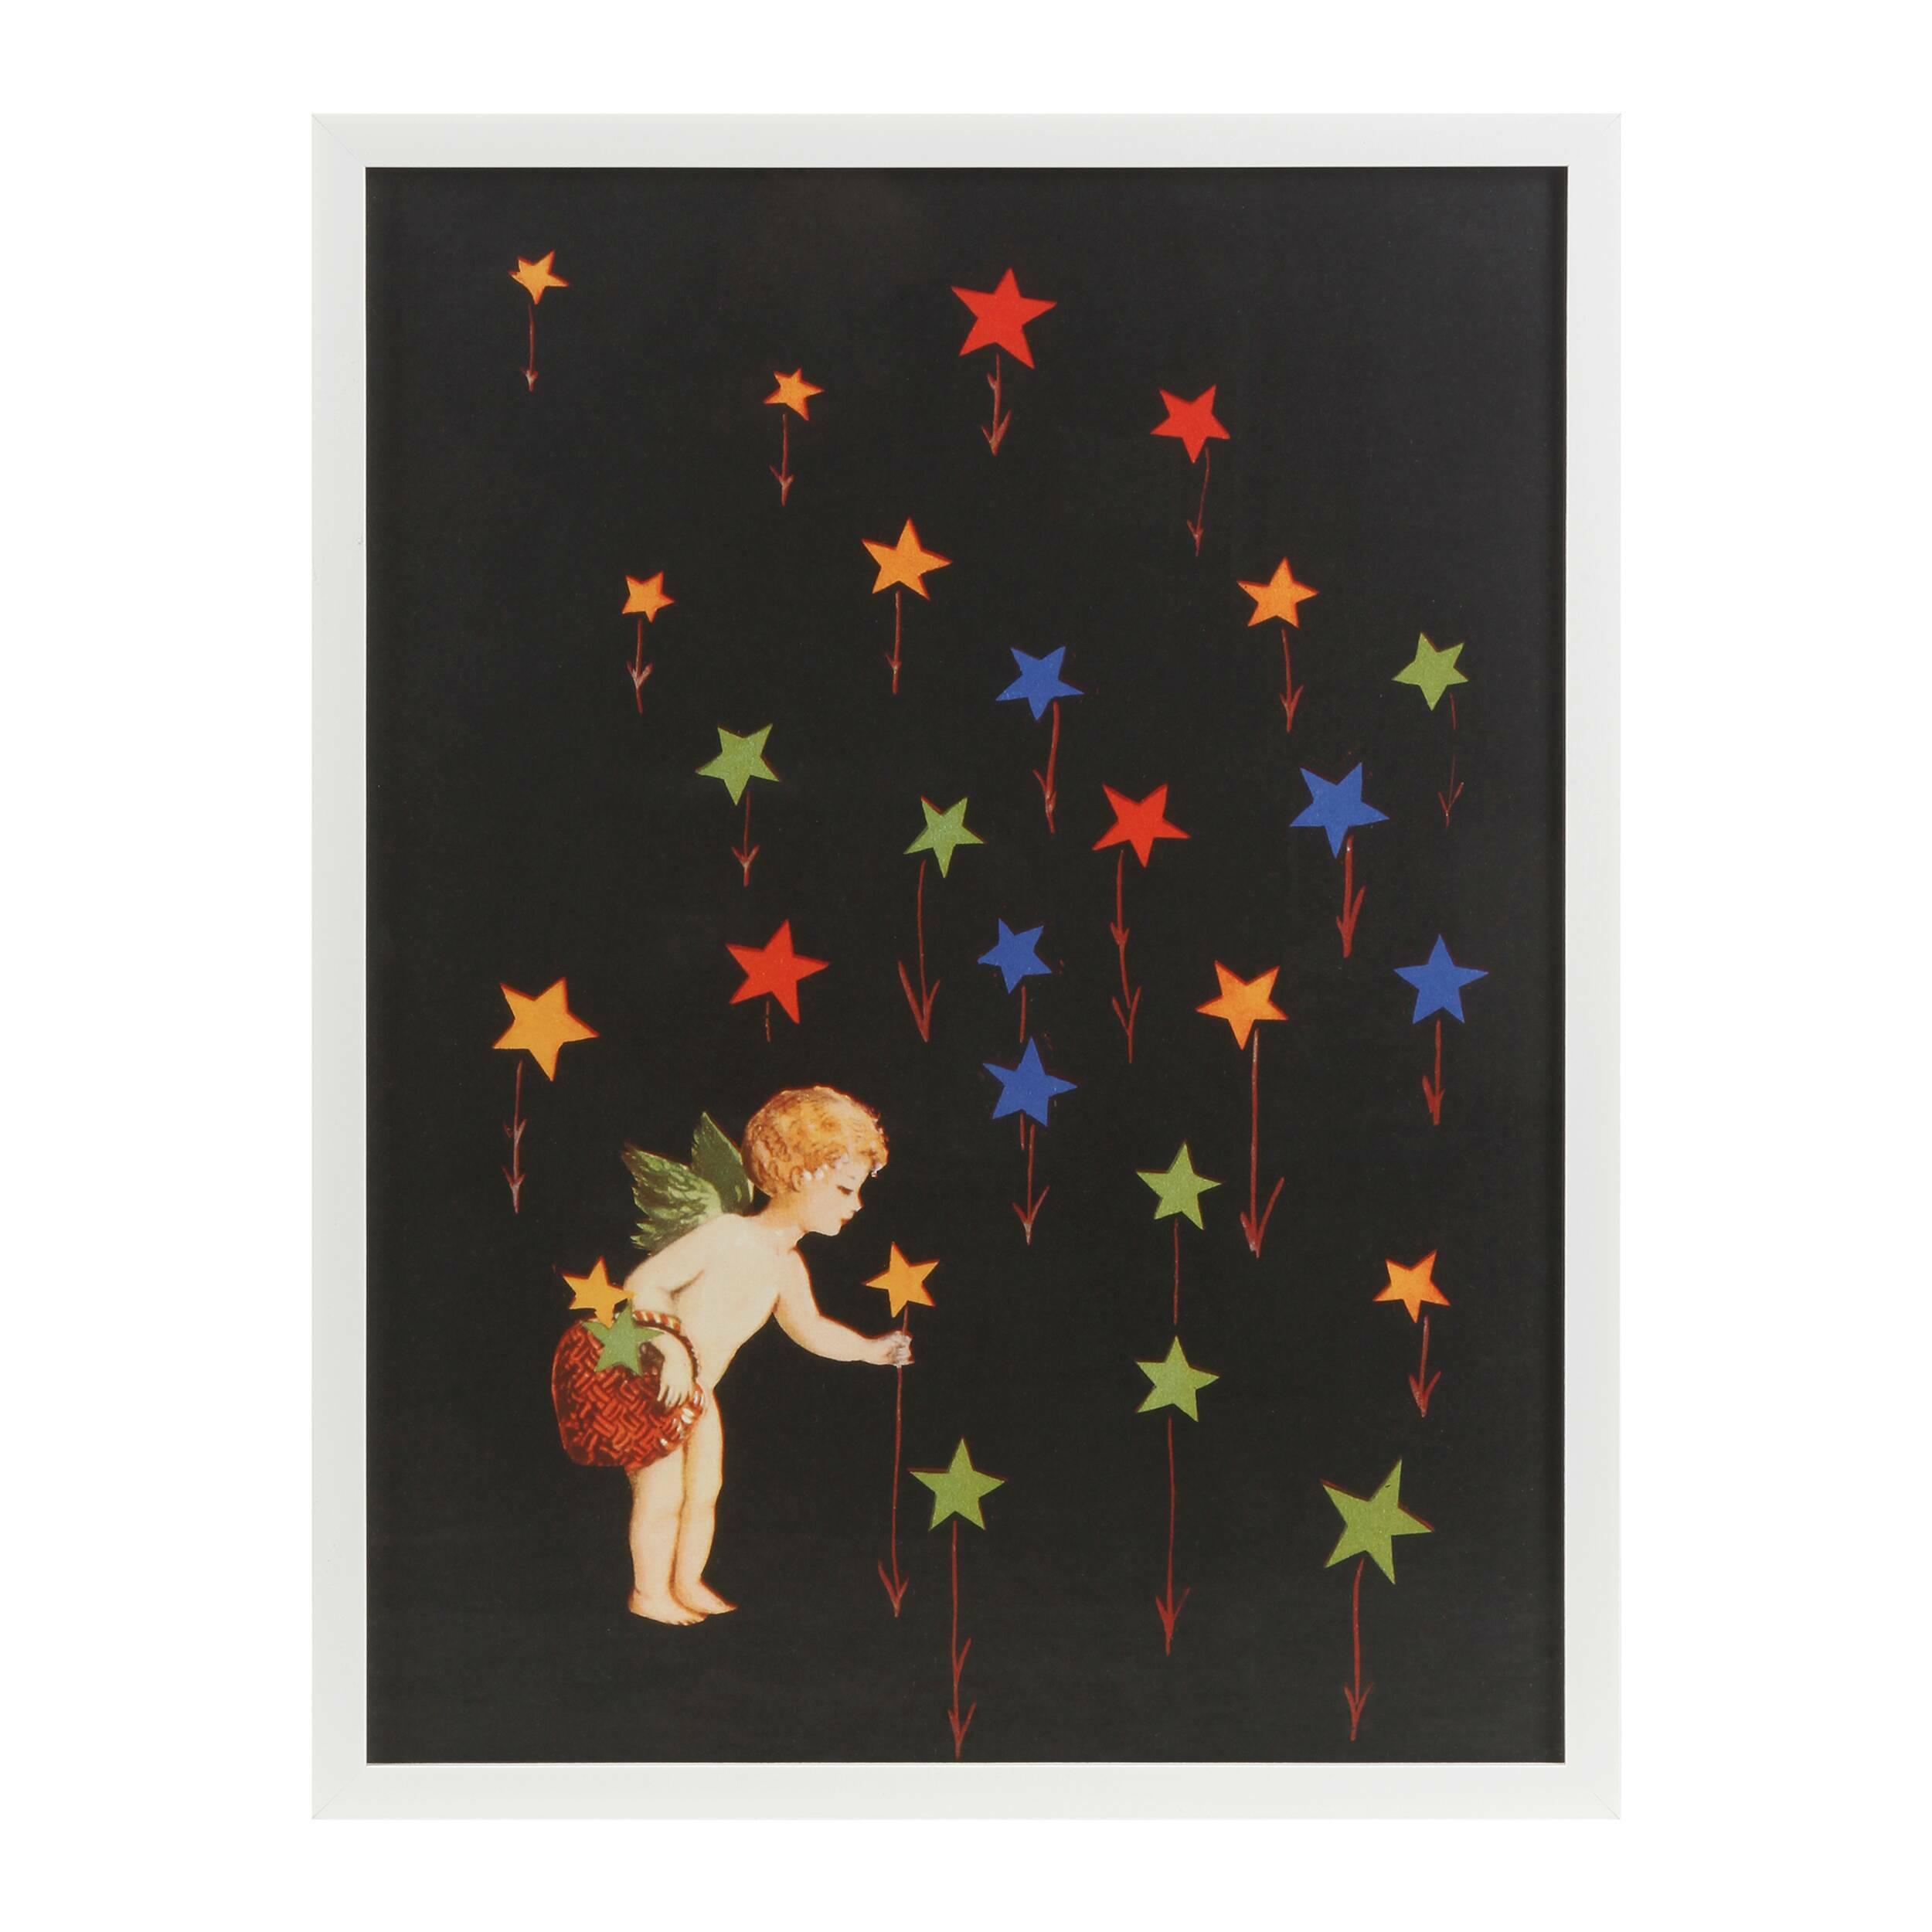 Постер Star GardenКартины<br><br><br>stock: 5<br>Ширина: 47,6<br>Цвет: Черный<br>Длина: 62,6<br>Цвет дополнительный: Разноцветный